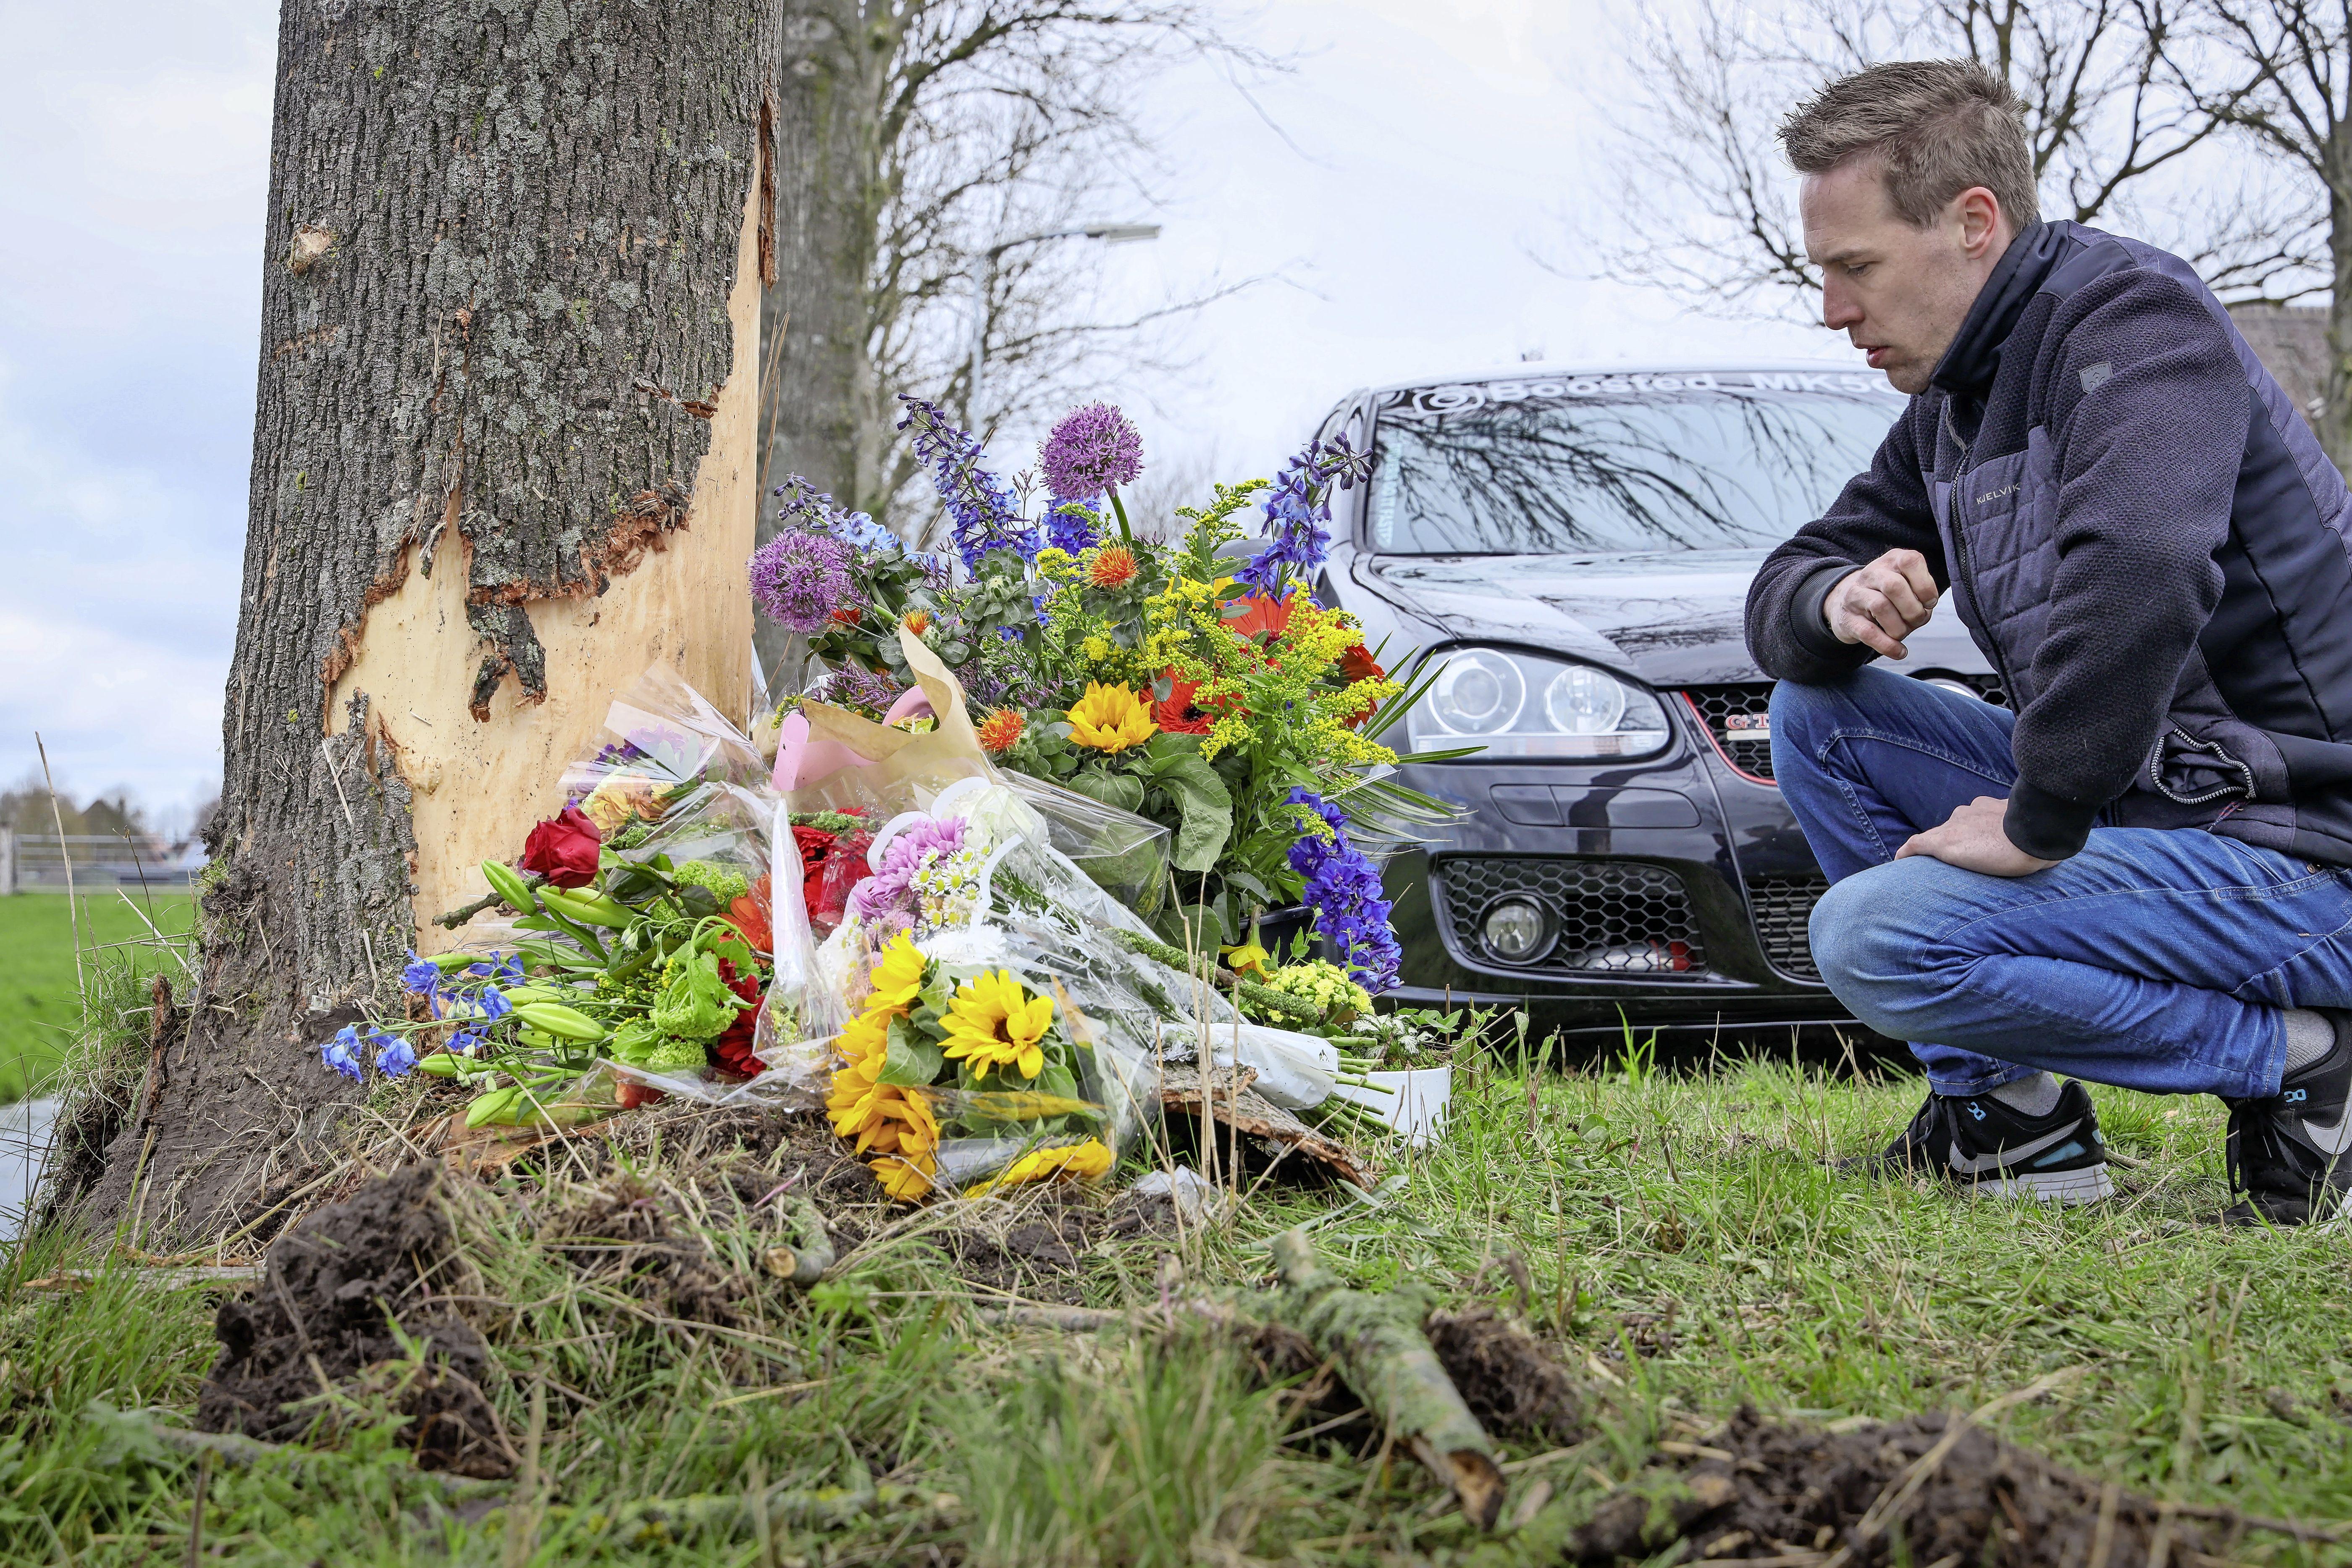 Memorial/Ride Out voor verongelukte Erik Klomp (31) uit Abbekerk: 'De passie voor zijn auto is hem fataal geworden, maar dat kan ons allemaal overkomen'